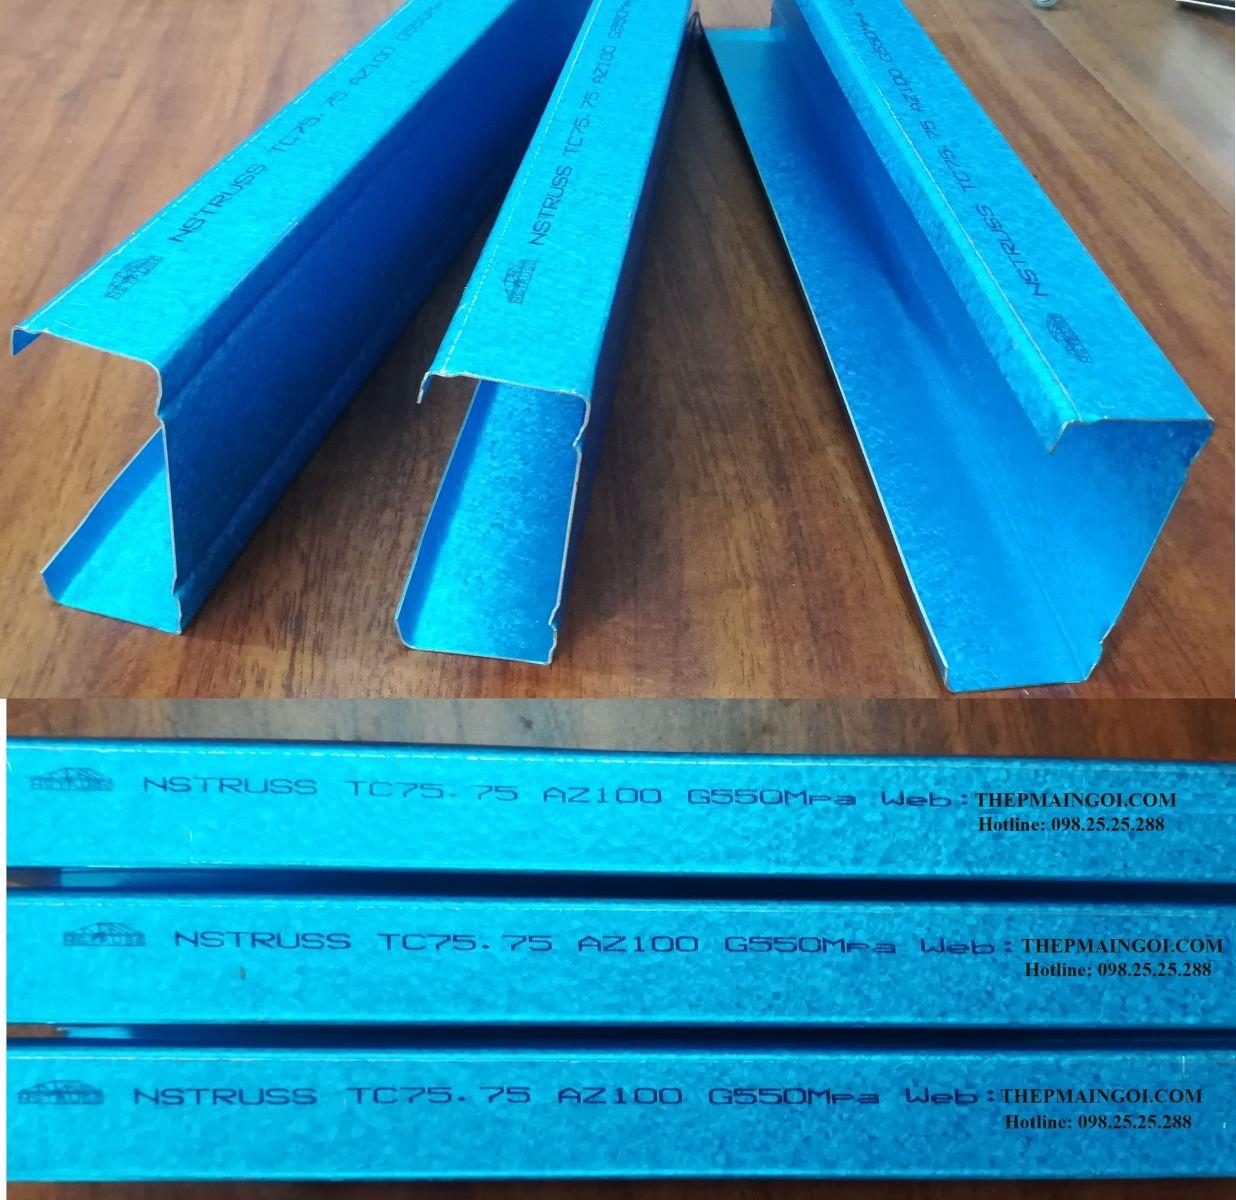 Công nghệ sản xuất xà gồ thép mạ nhôm kẽm nstruss cho mái ngói